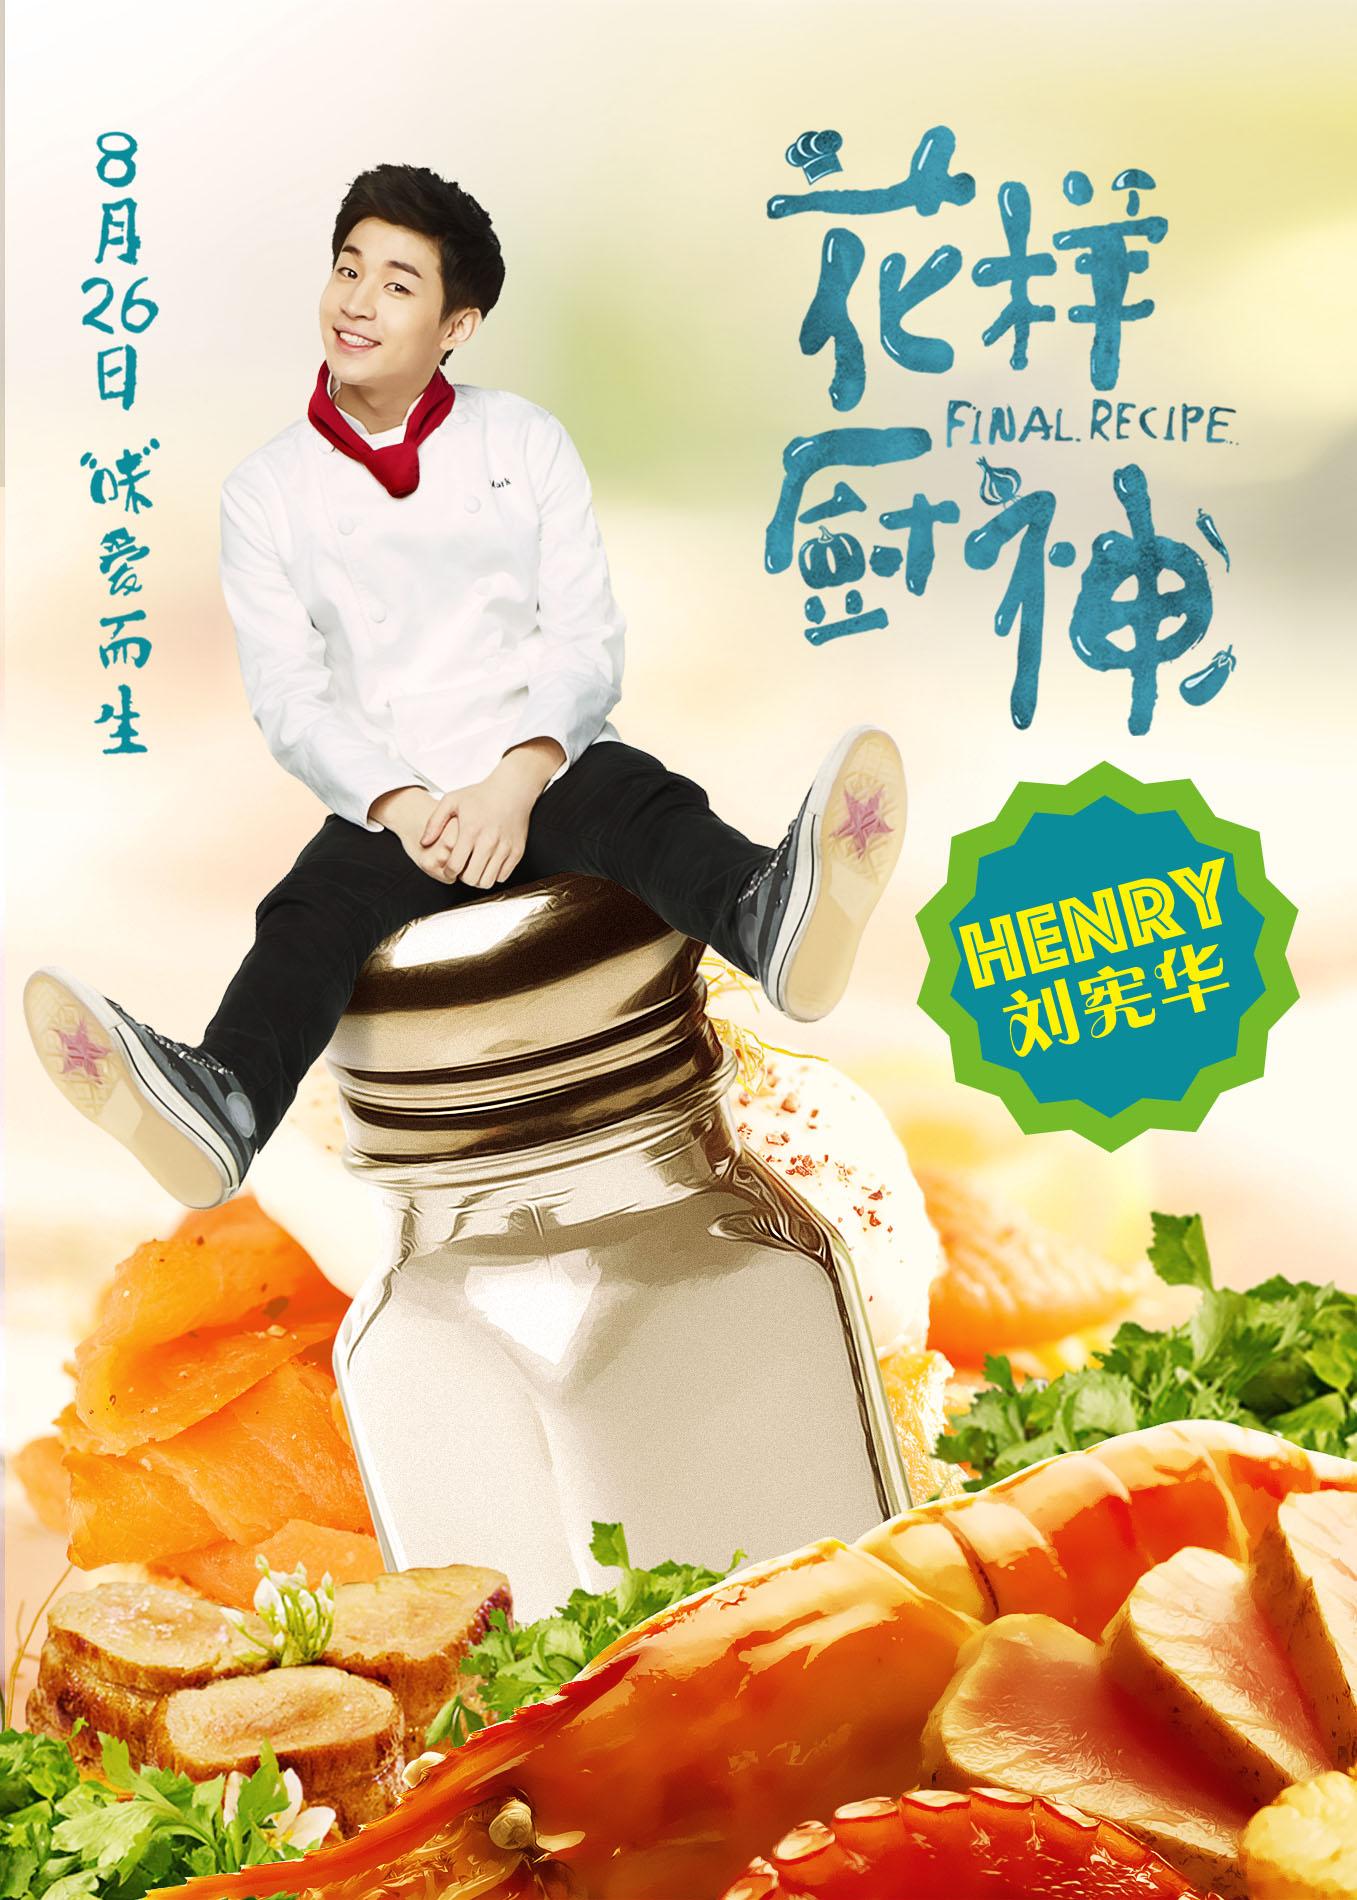 《花样厨神》曝海报 杨紫琼Henry为吃货代言